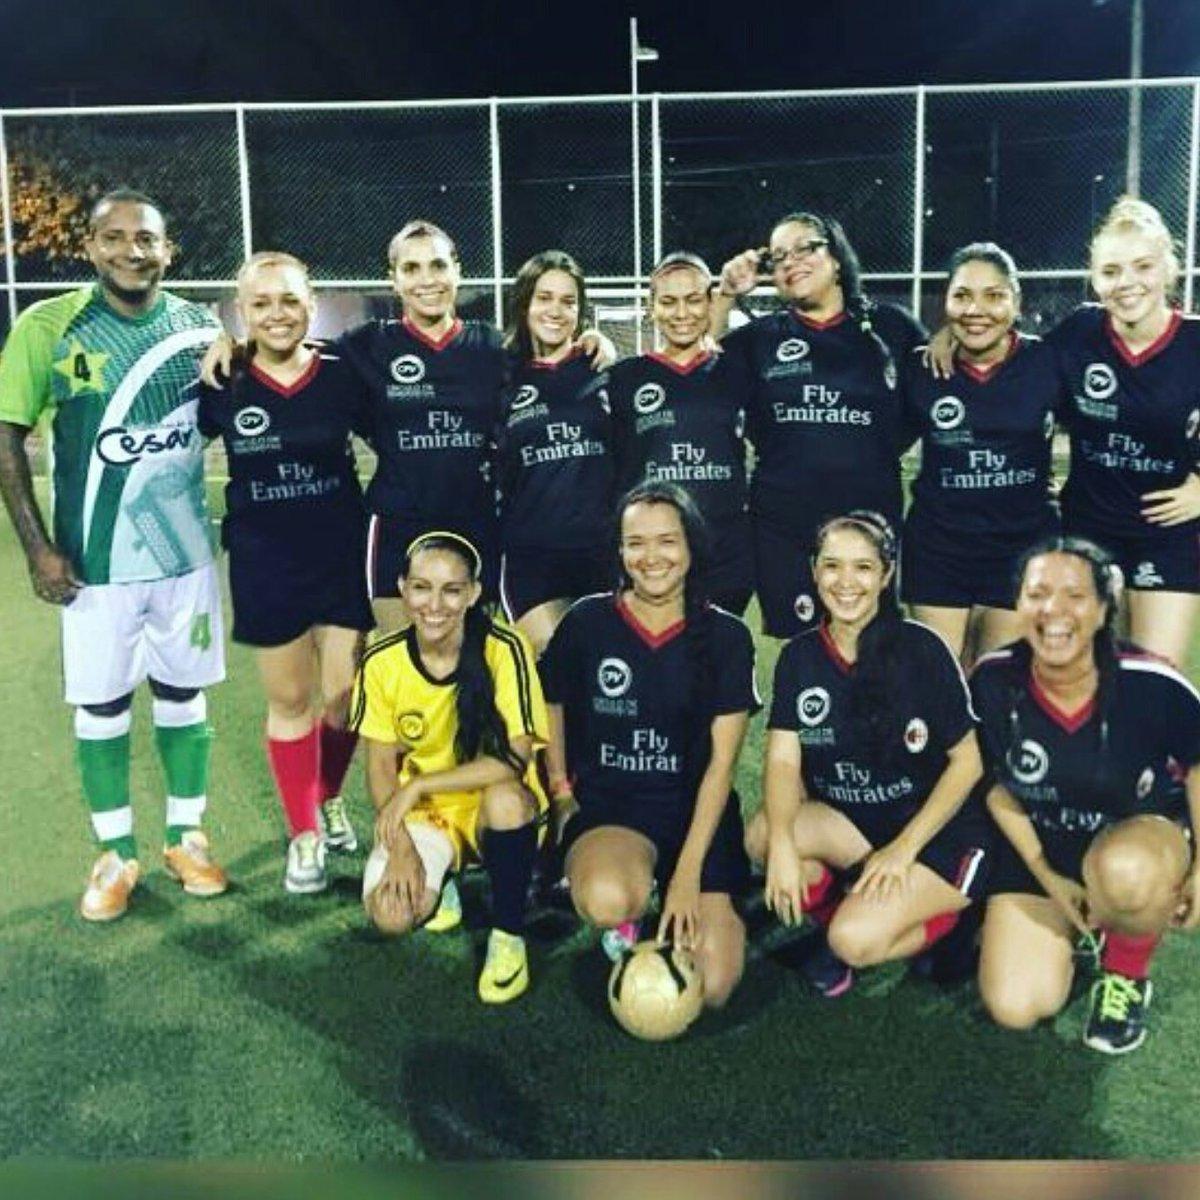 Mildreth Zapata On Twitter Excelente Noche Jugar Futbol Con Estas